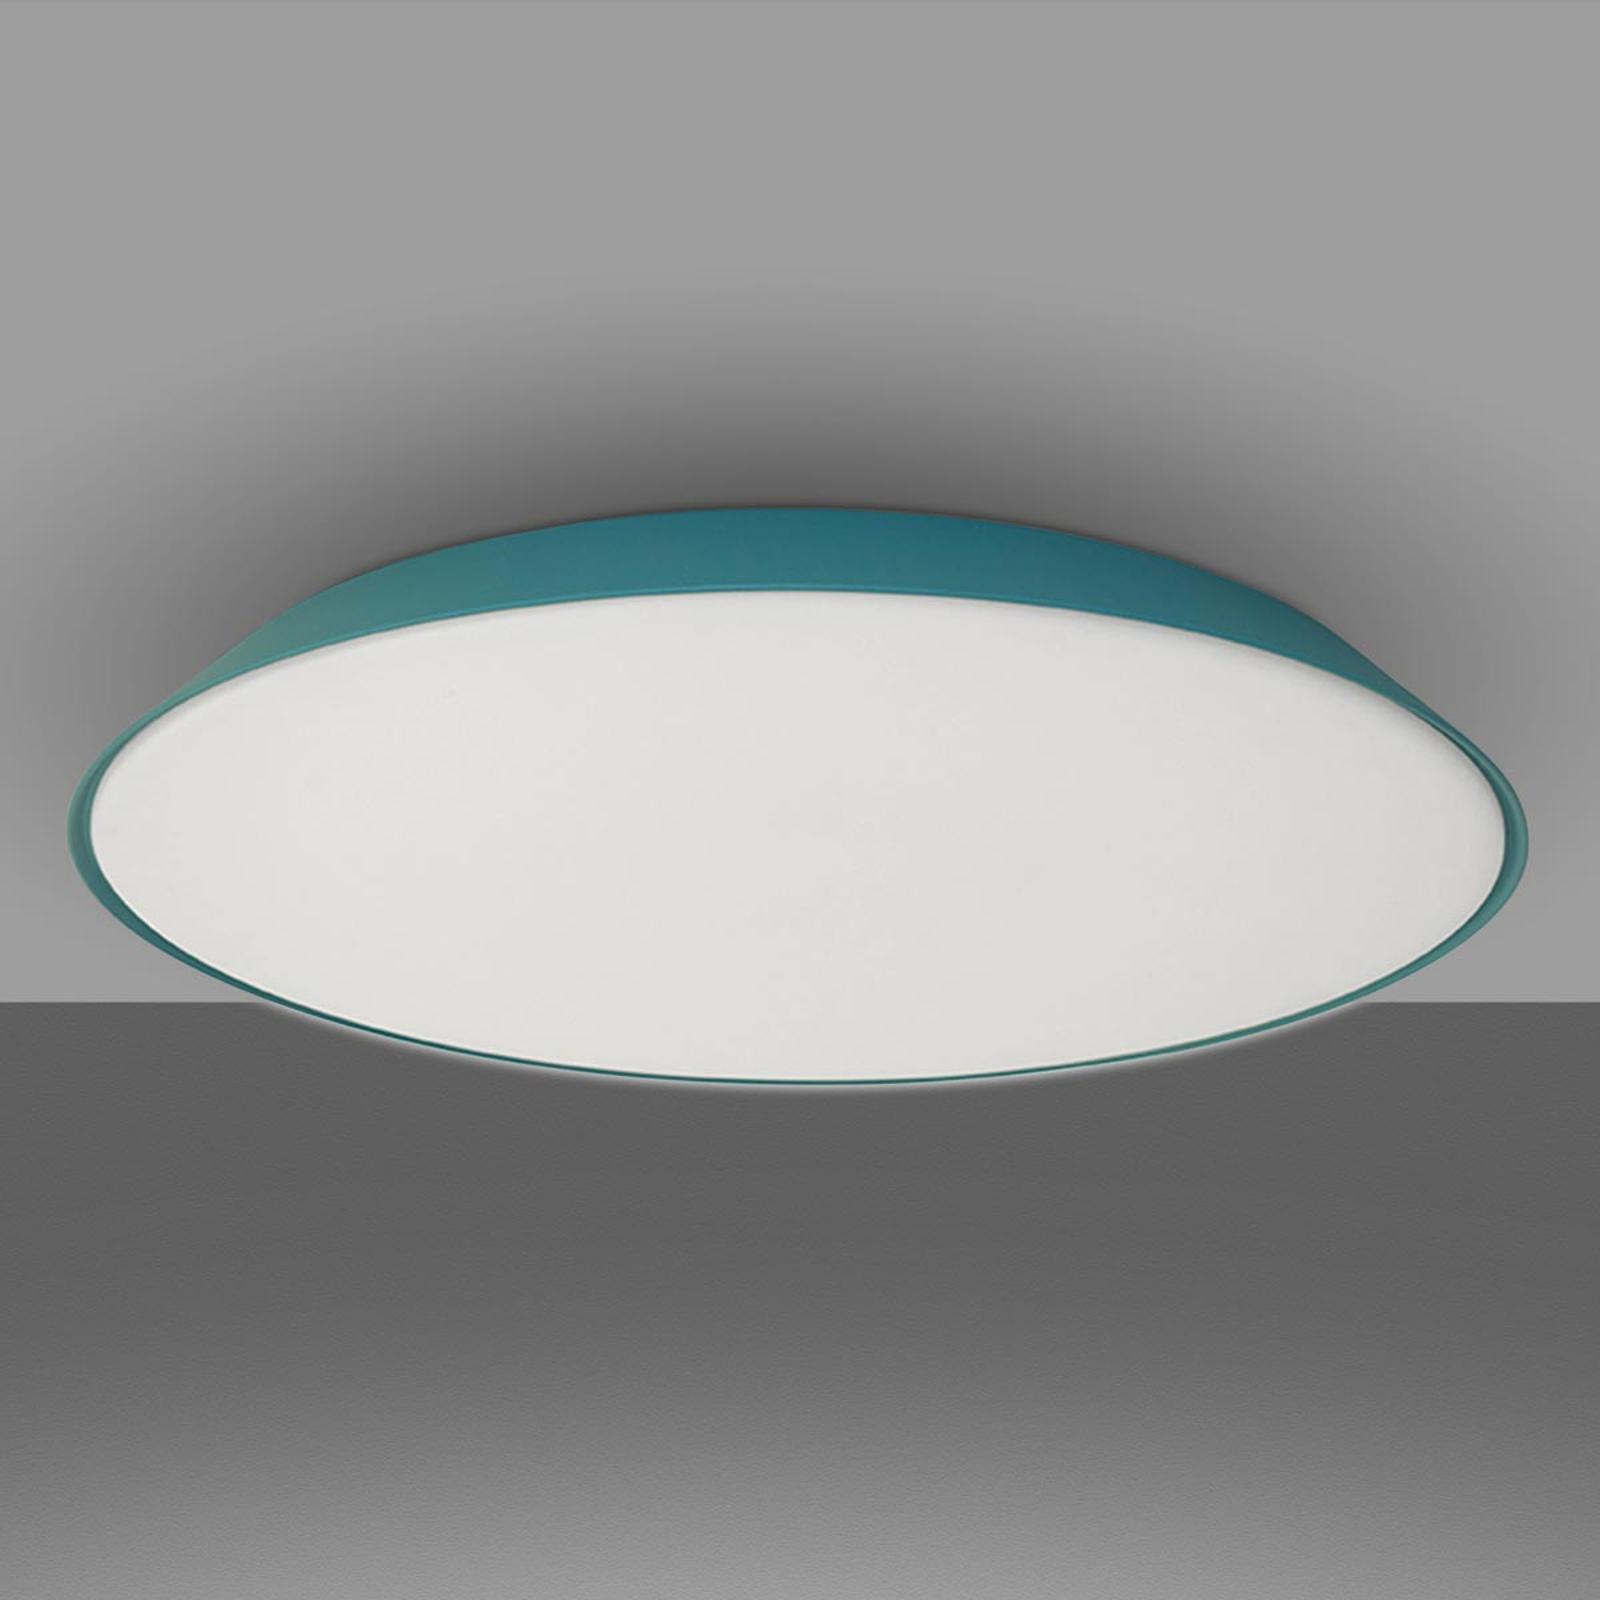 Artemide Febe LED-taklamp, 2700K turkis